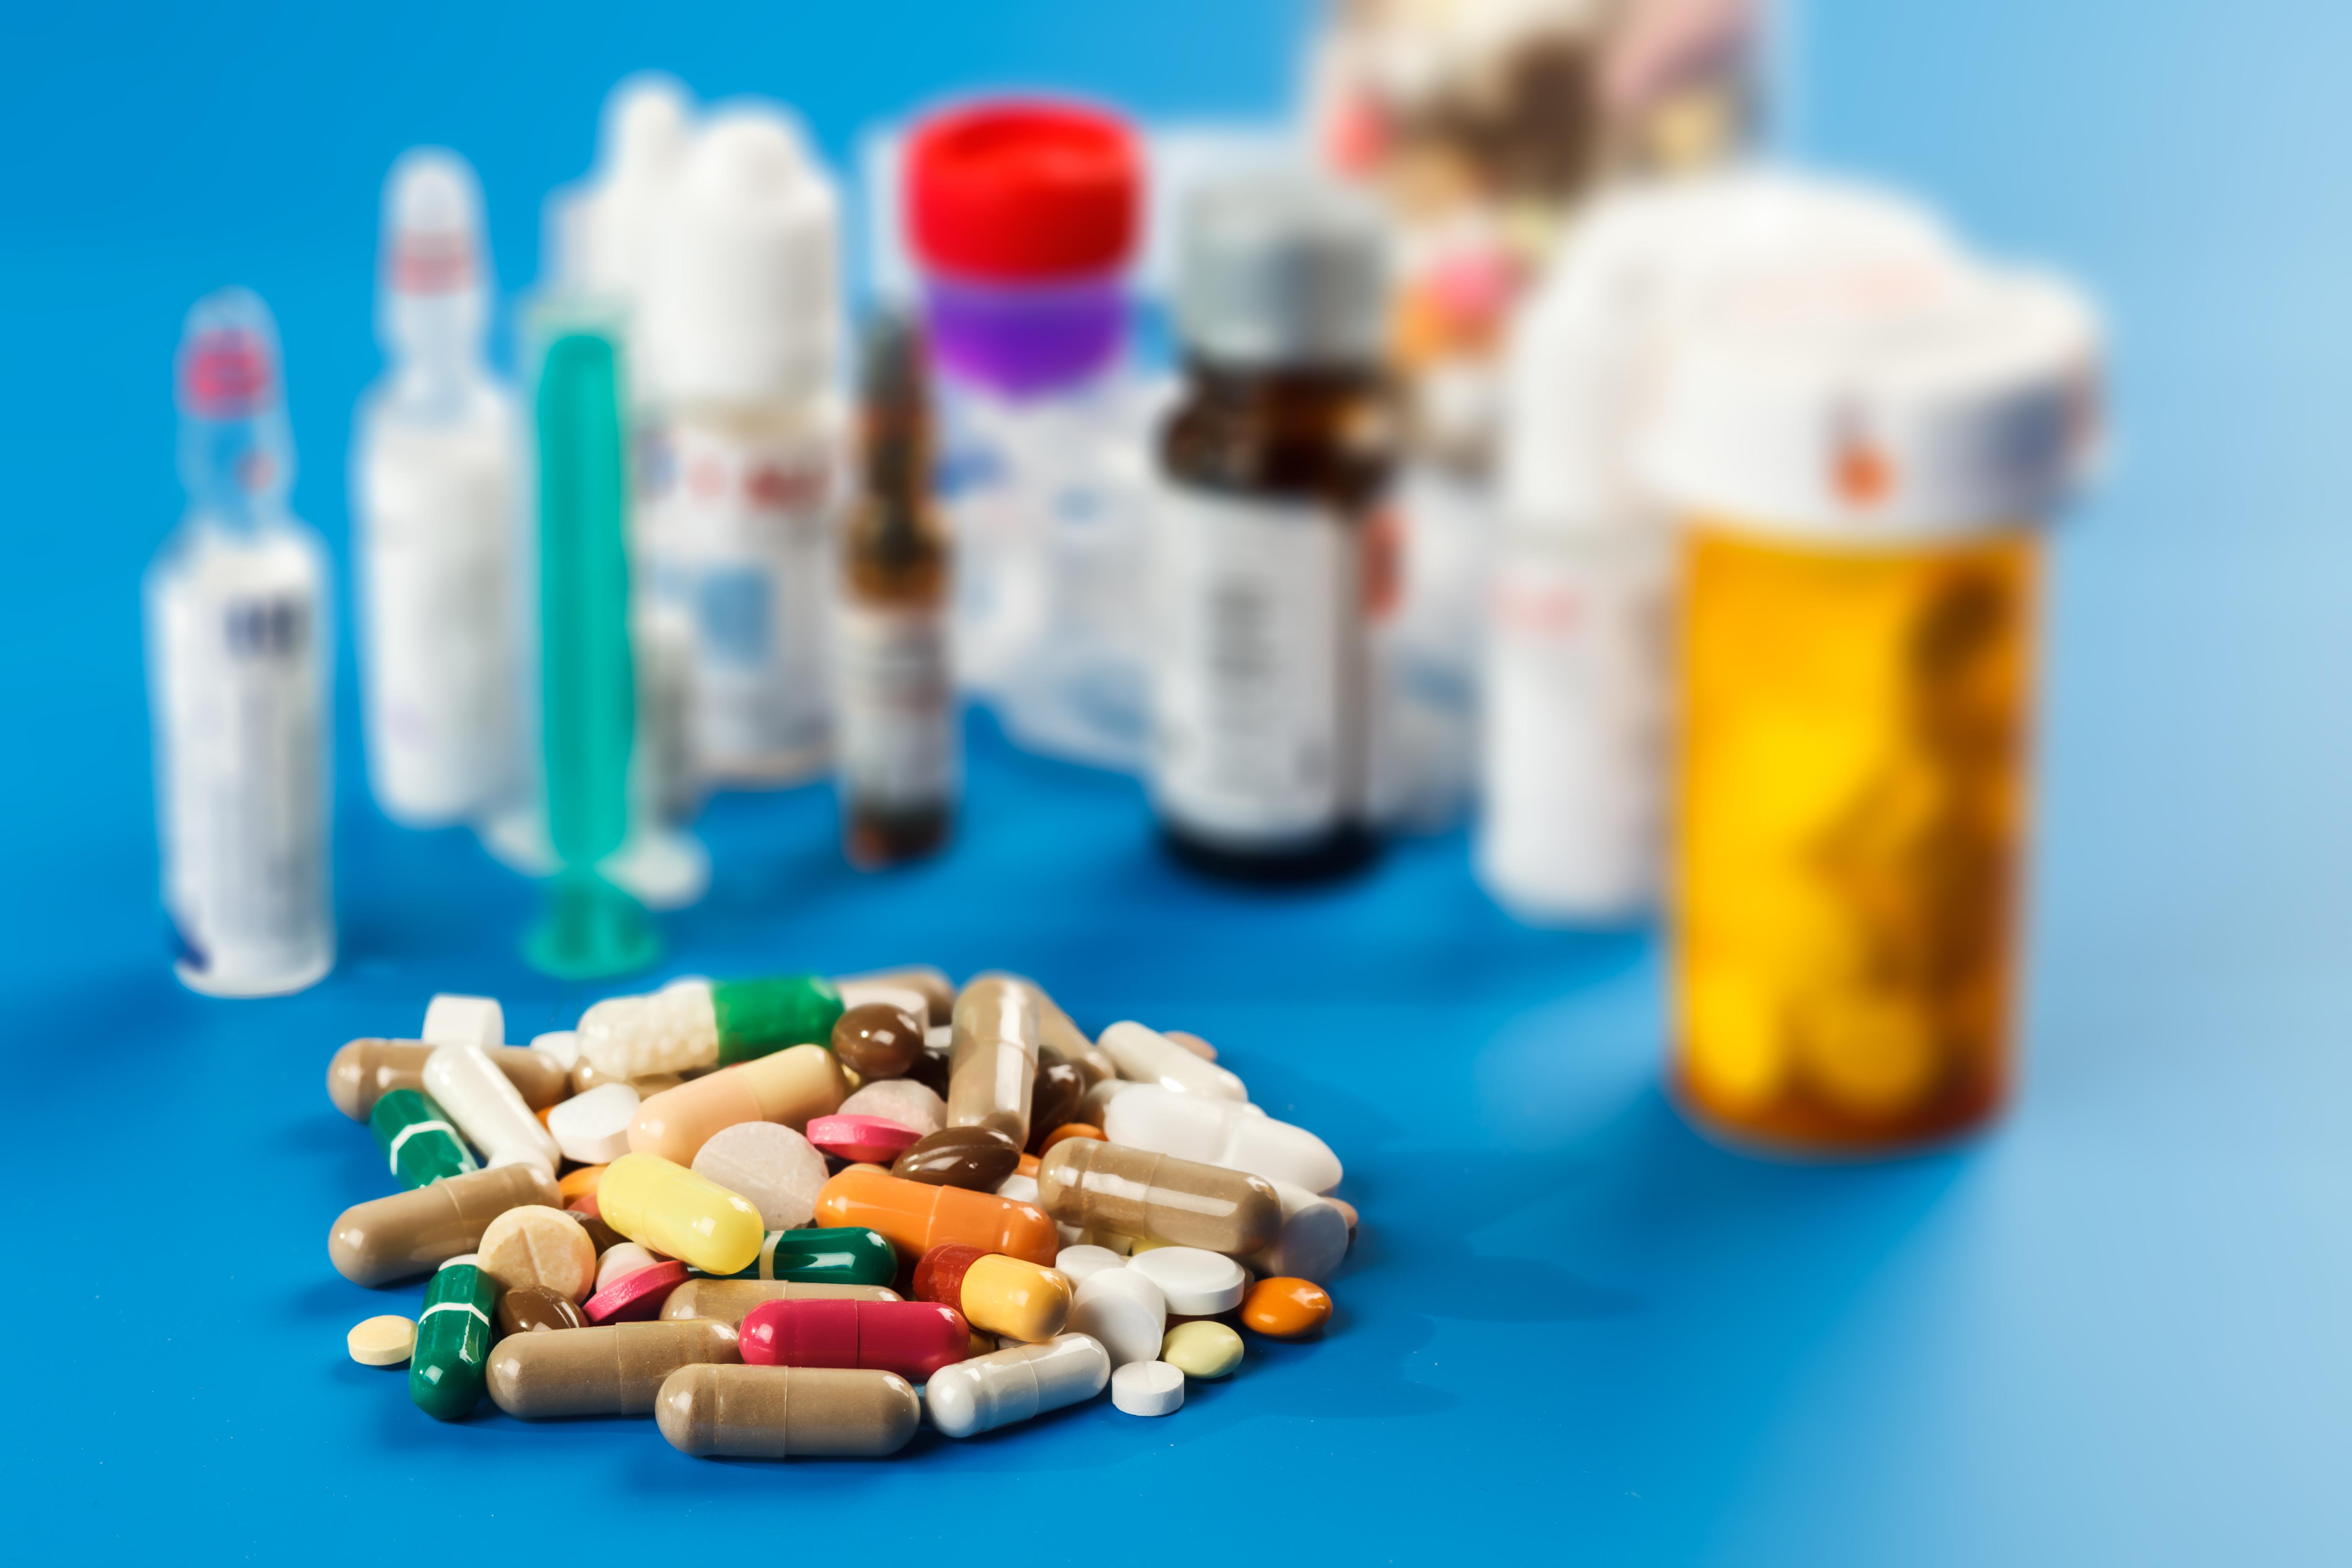 Producatorii de medicamente: Nu exista goluri de aprovizionare pentru medicamentele fabricate in Romania, nici pericol de scumpire